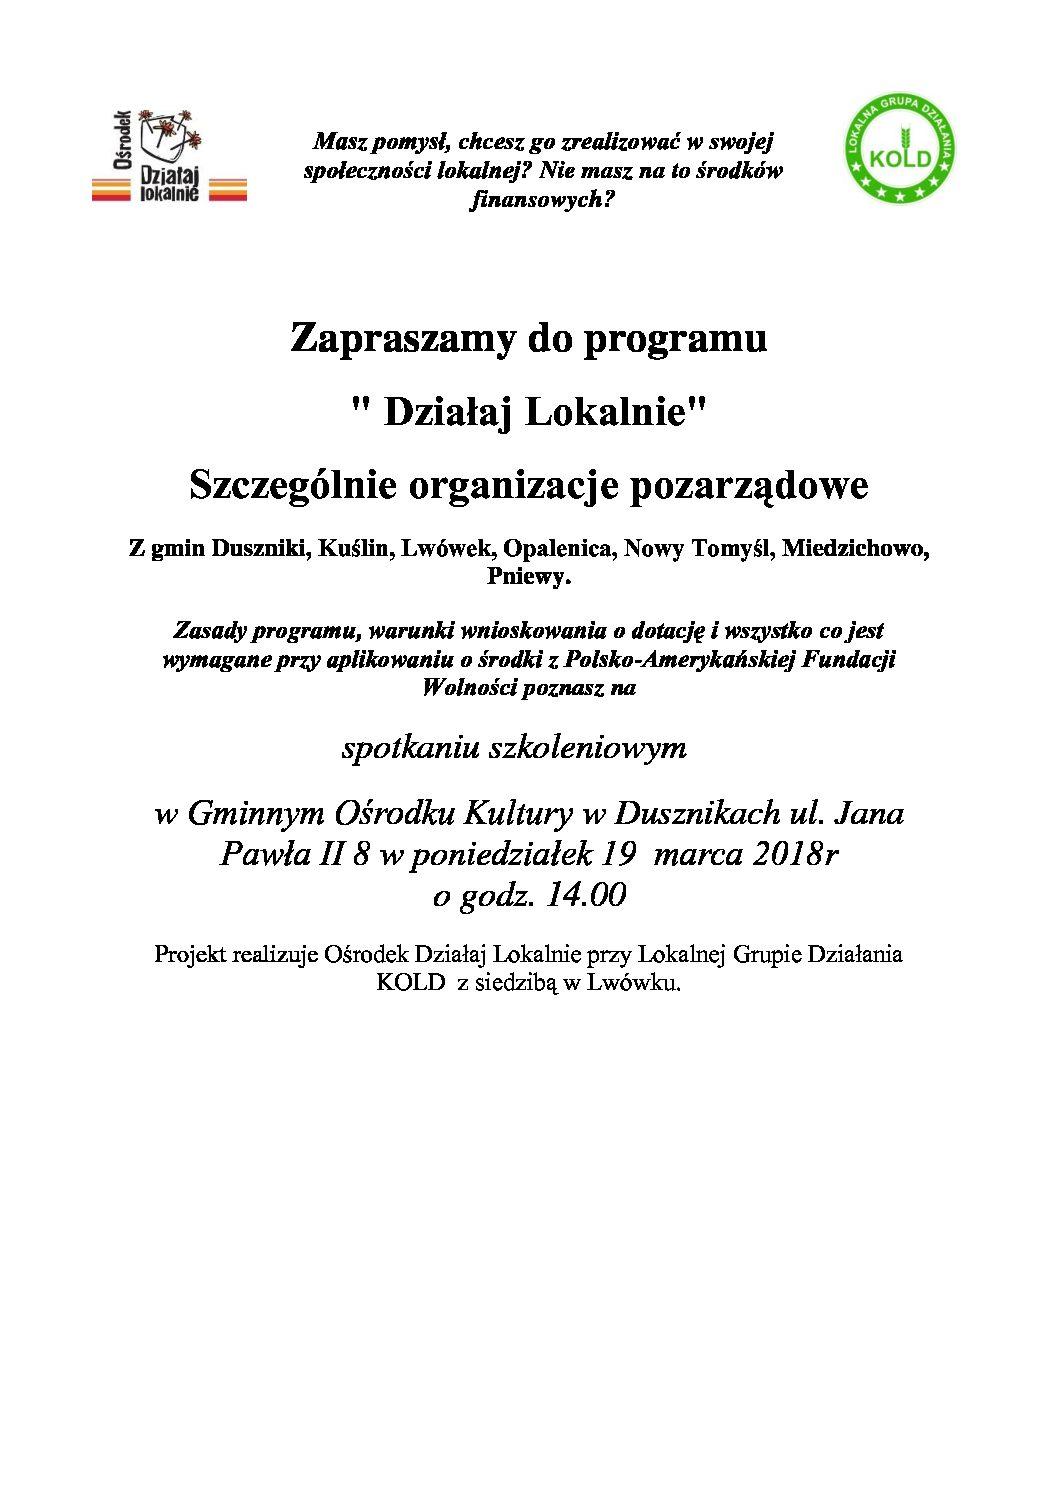 Zaproszenie na spotkanie szkoleniowe